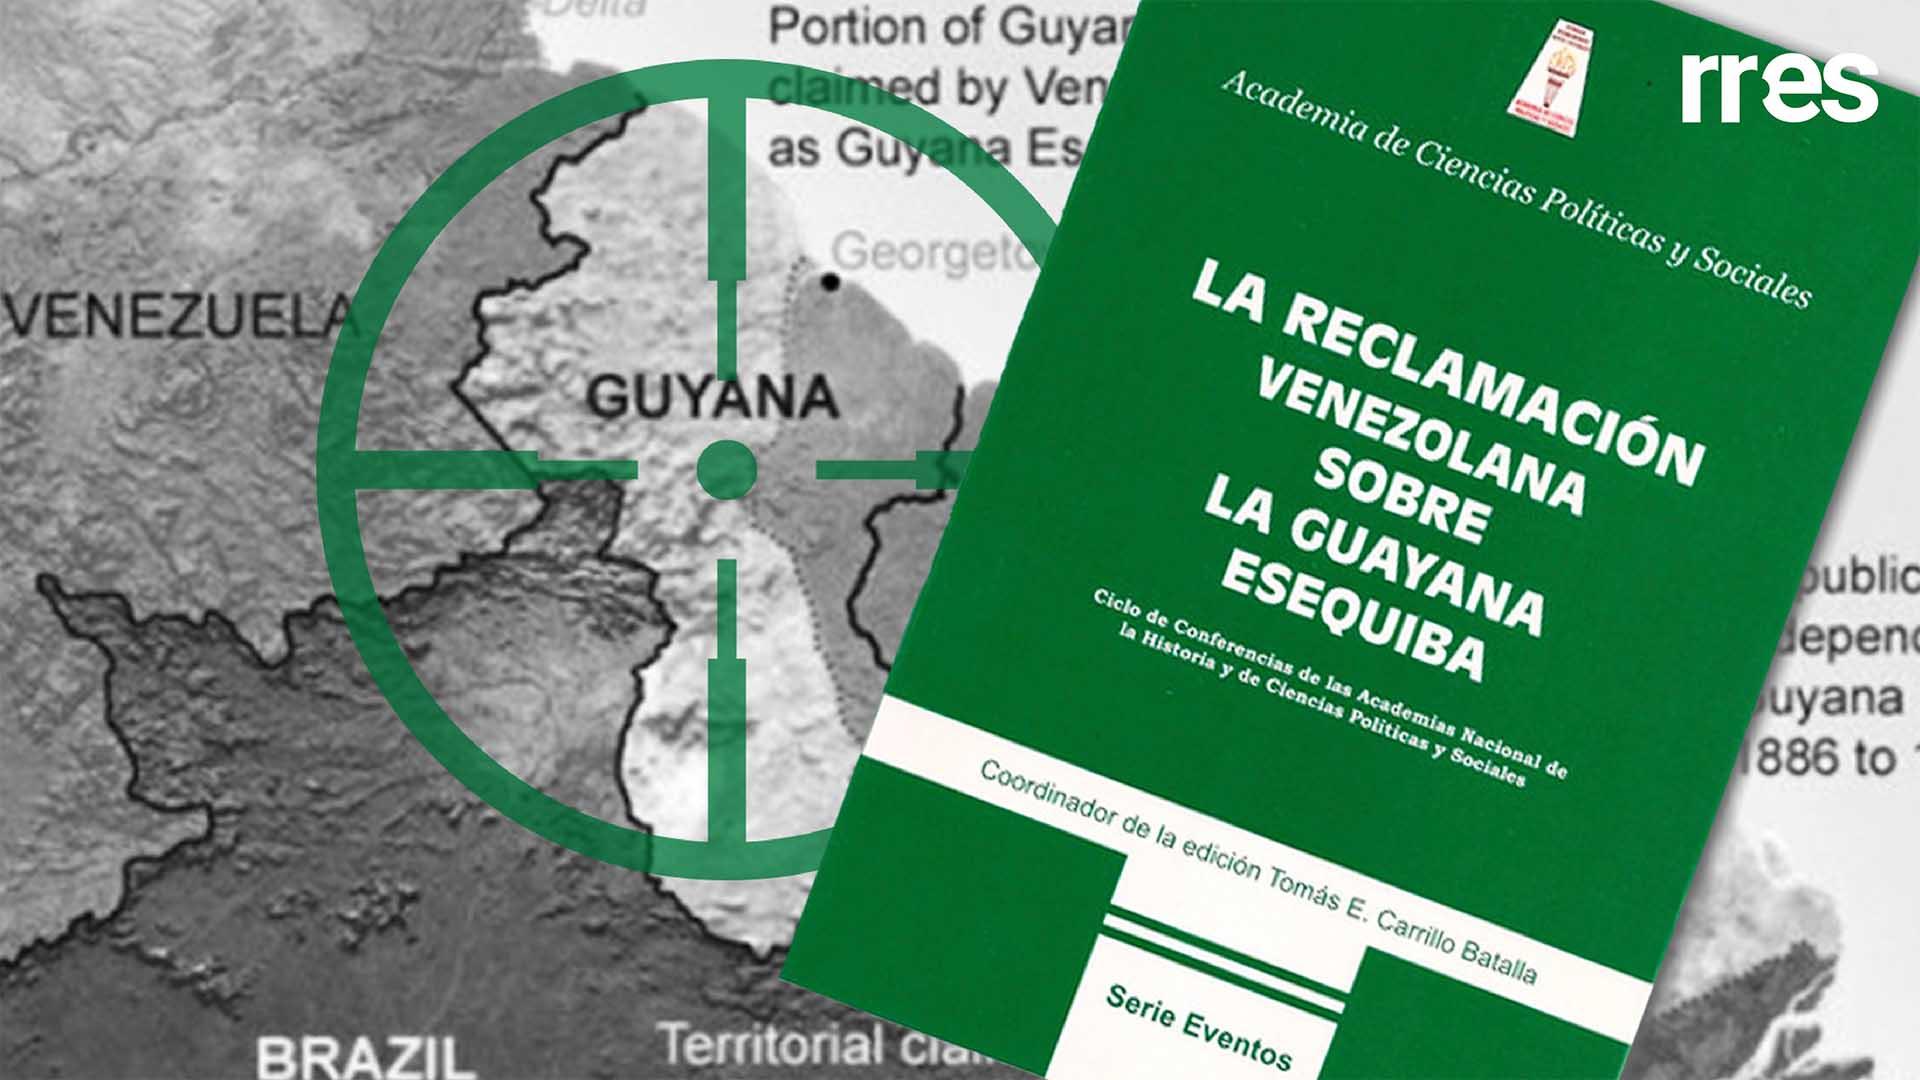 Runrunes de Bocaranda: MEDIO – LIBRO LA RECLAMACION VENEZOLANA SOBRE LA GUAYANA ESEQUIBA